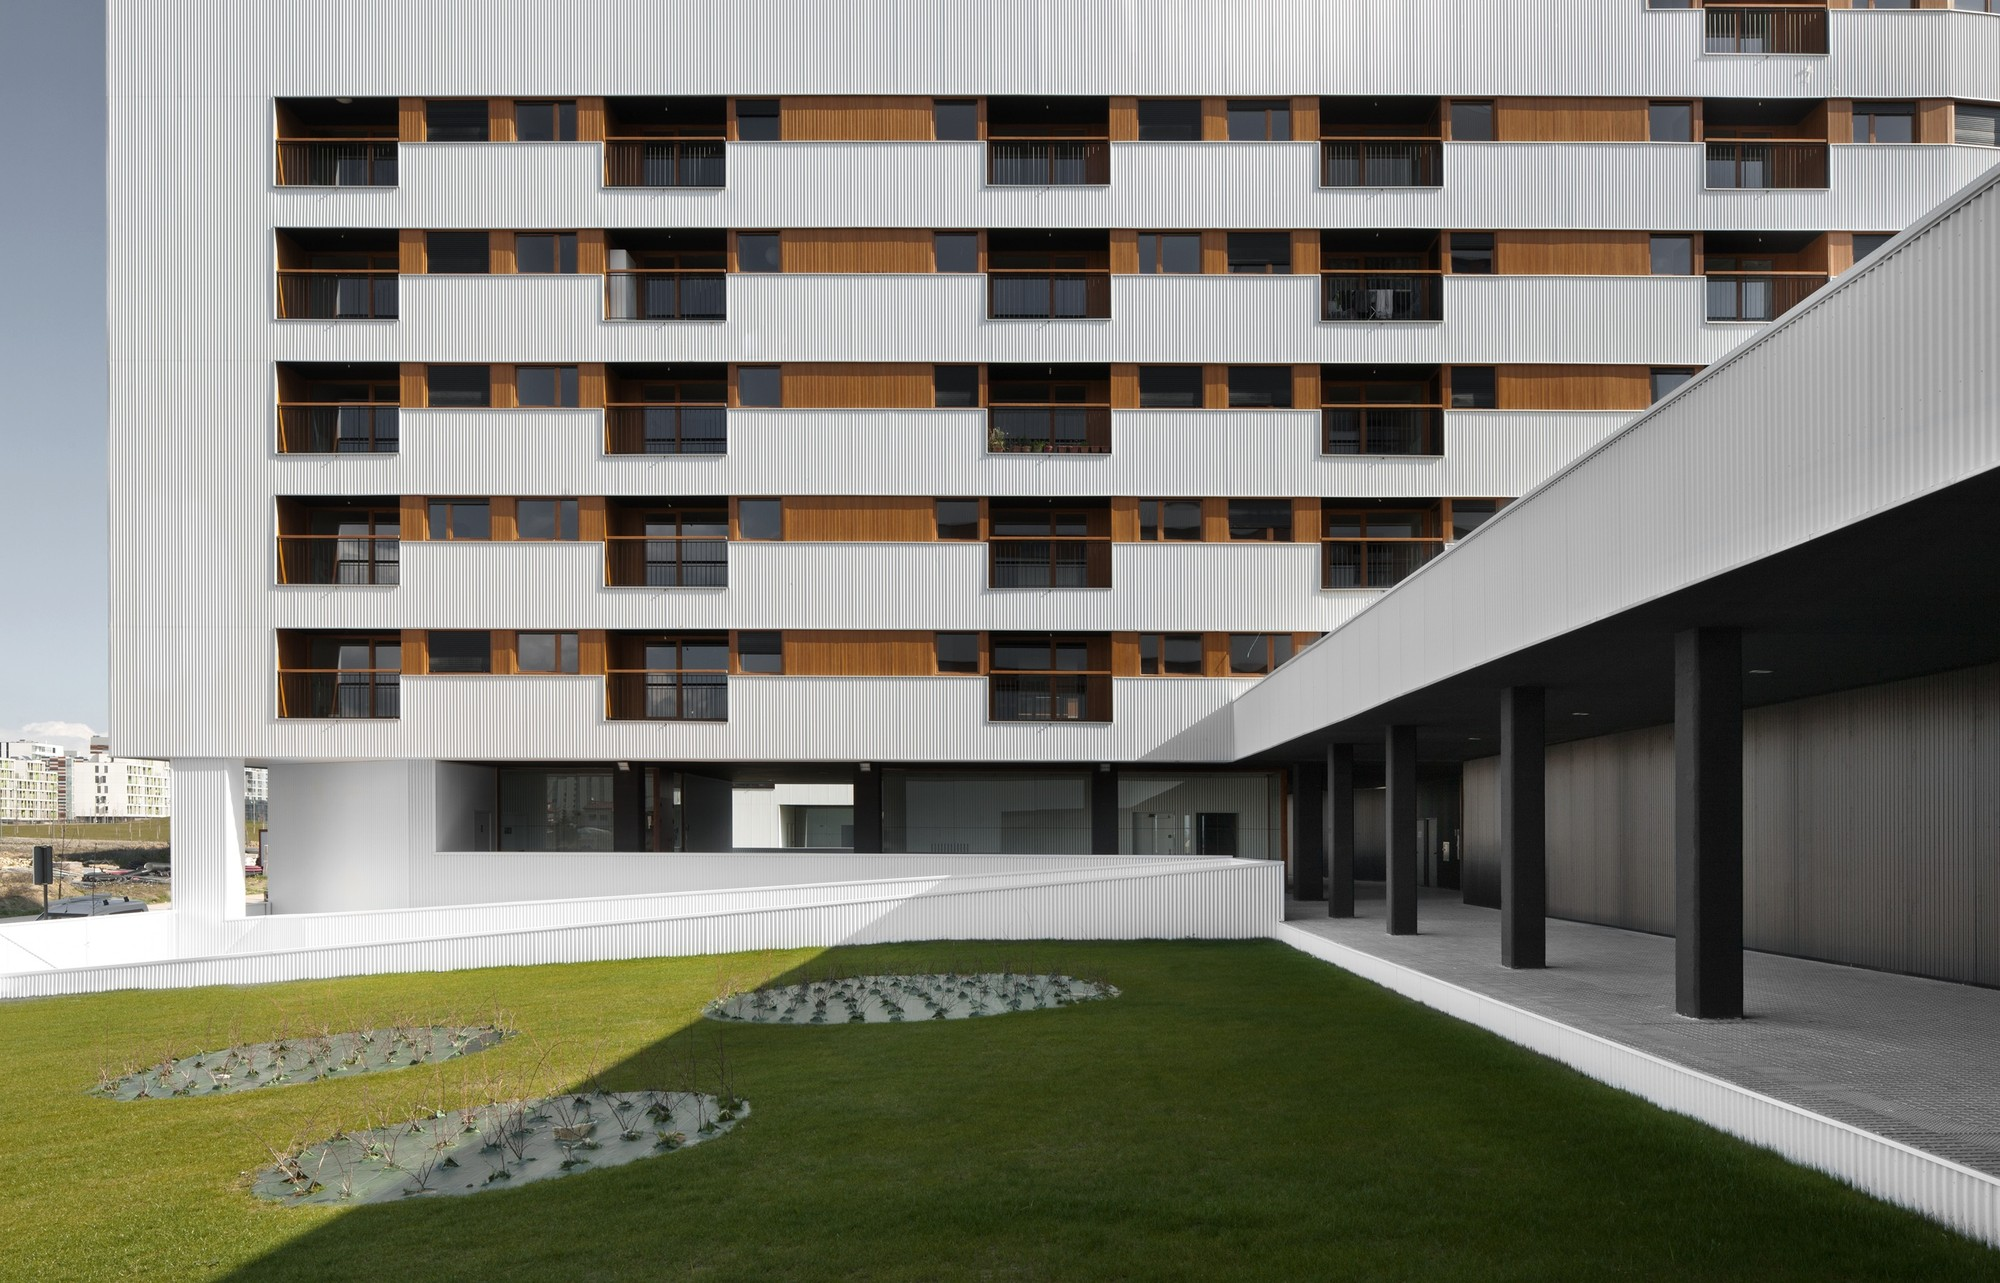 Galer a de nuevo grupo de viviendas de protecci n oficial en vitoria gasteiz acxt arquitectos 2 - Arquitectos en vitoria ...